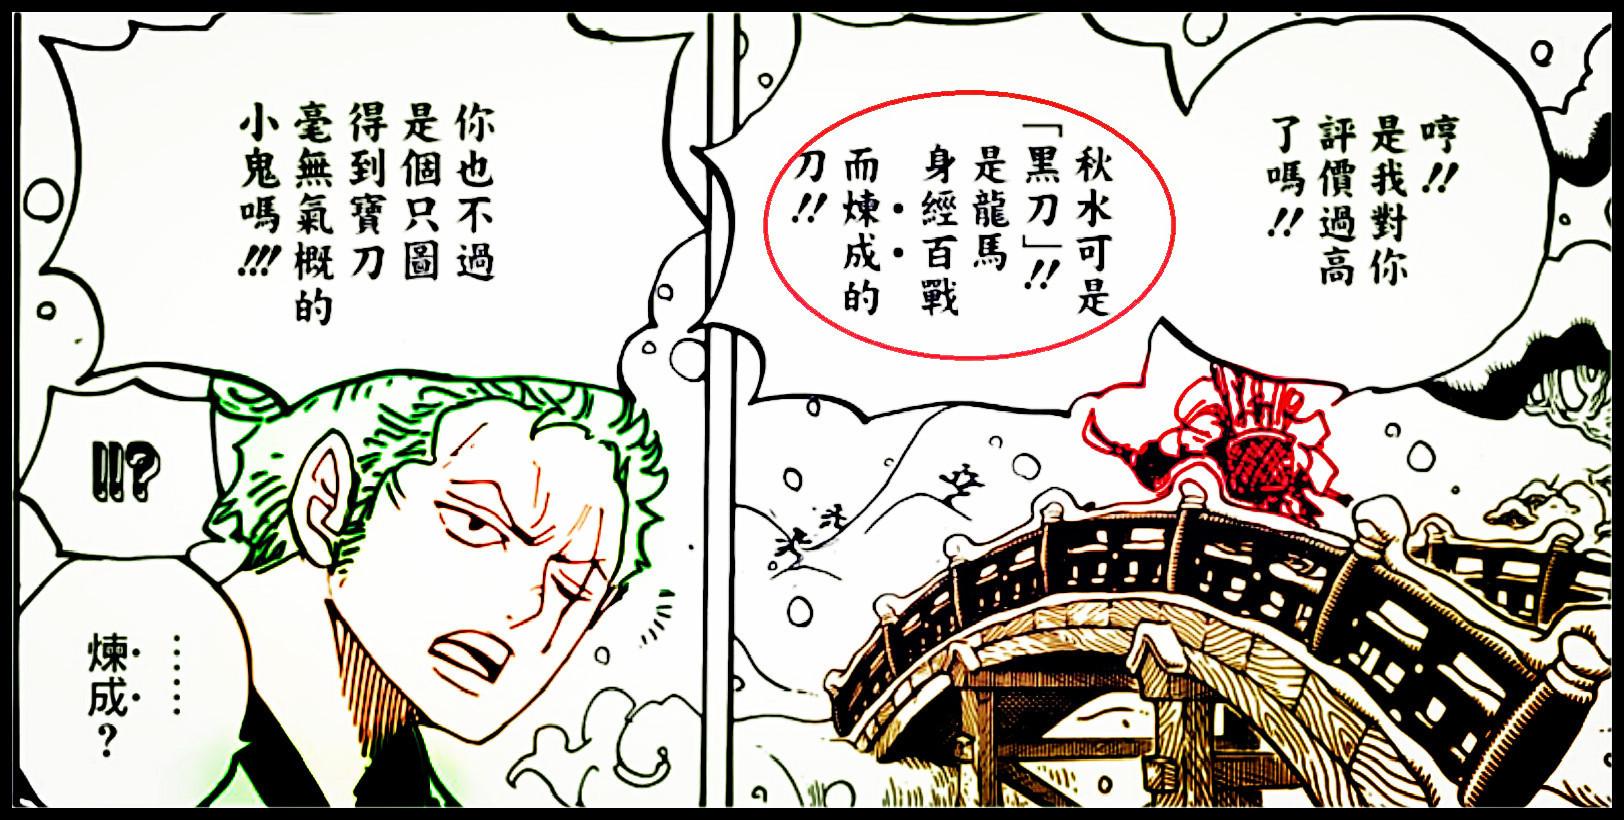 海賊王937鼠繪漢化:秋水替代二代鬼徹 尾田想讓索隆征服三把鬼徹